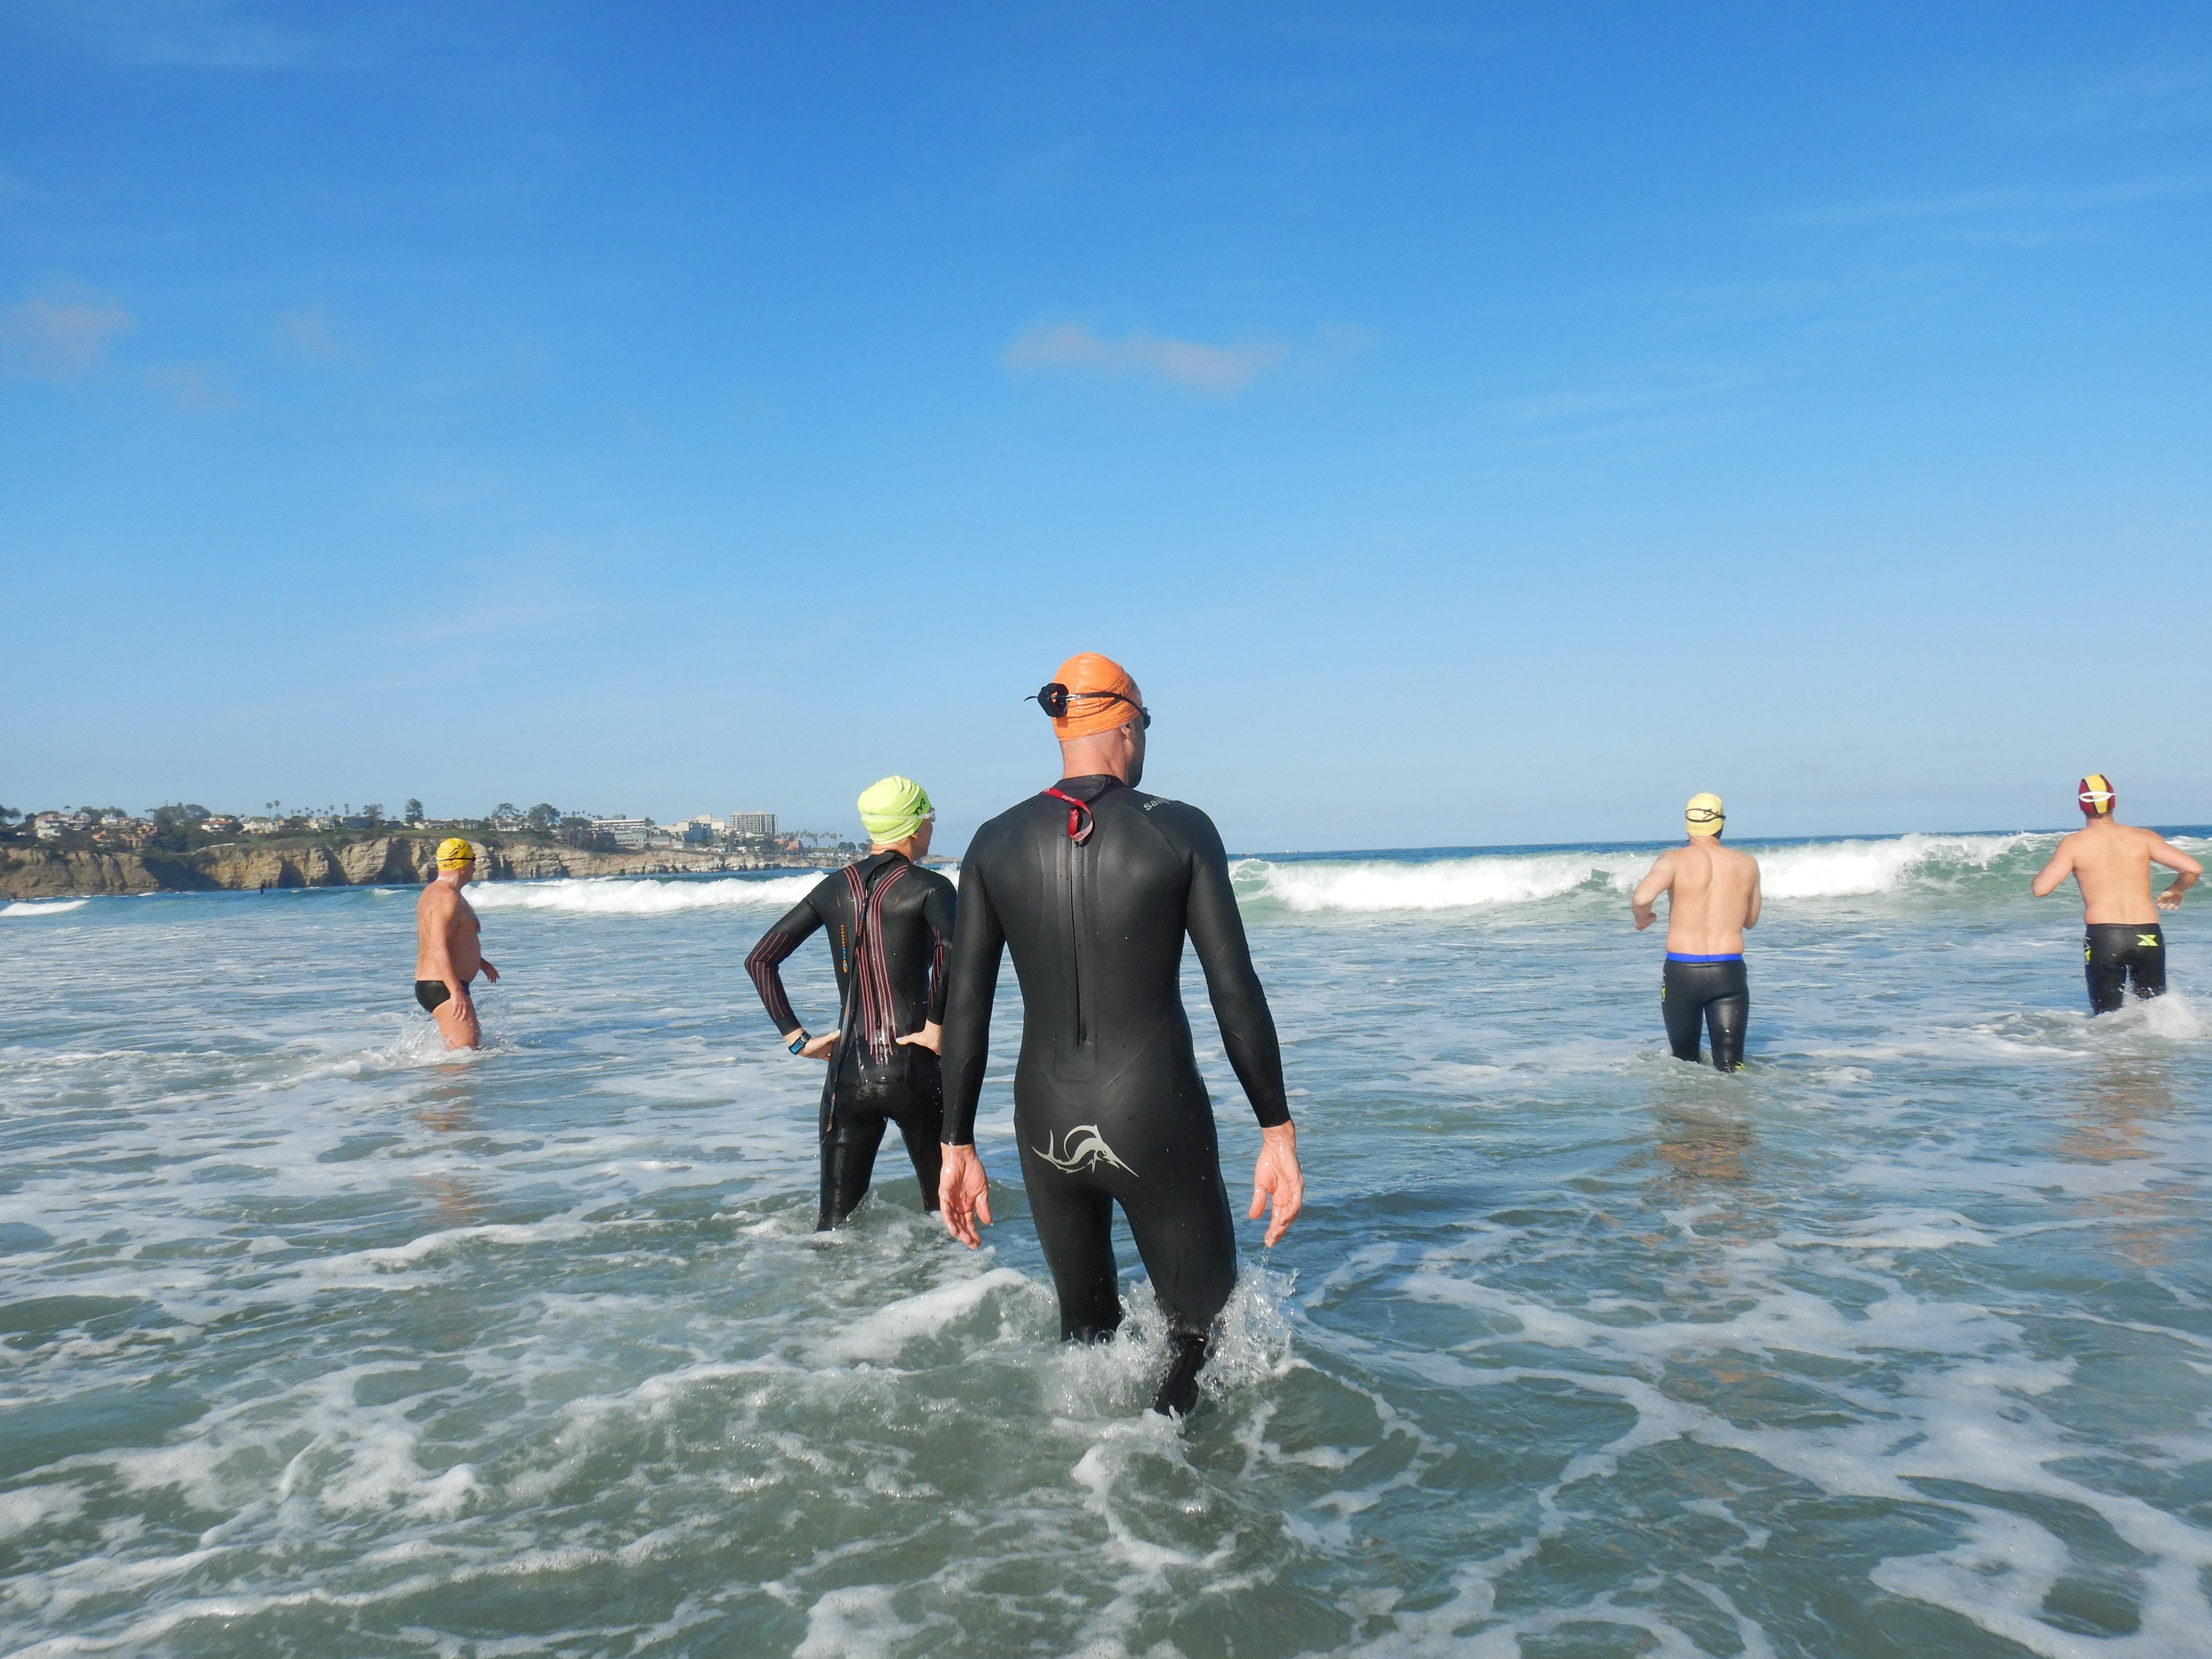 Nadadores en el agua.